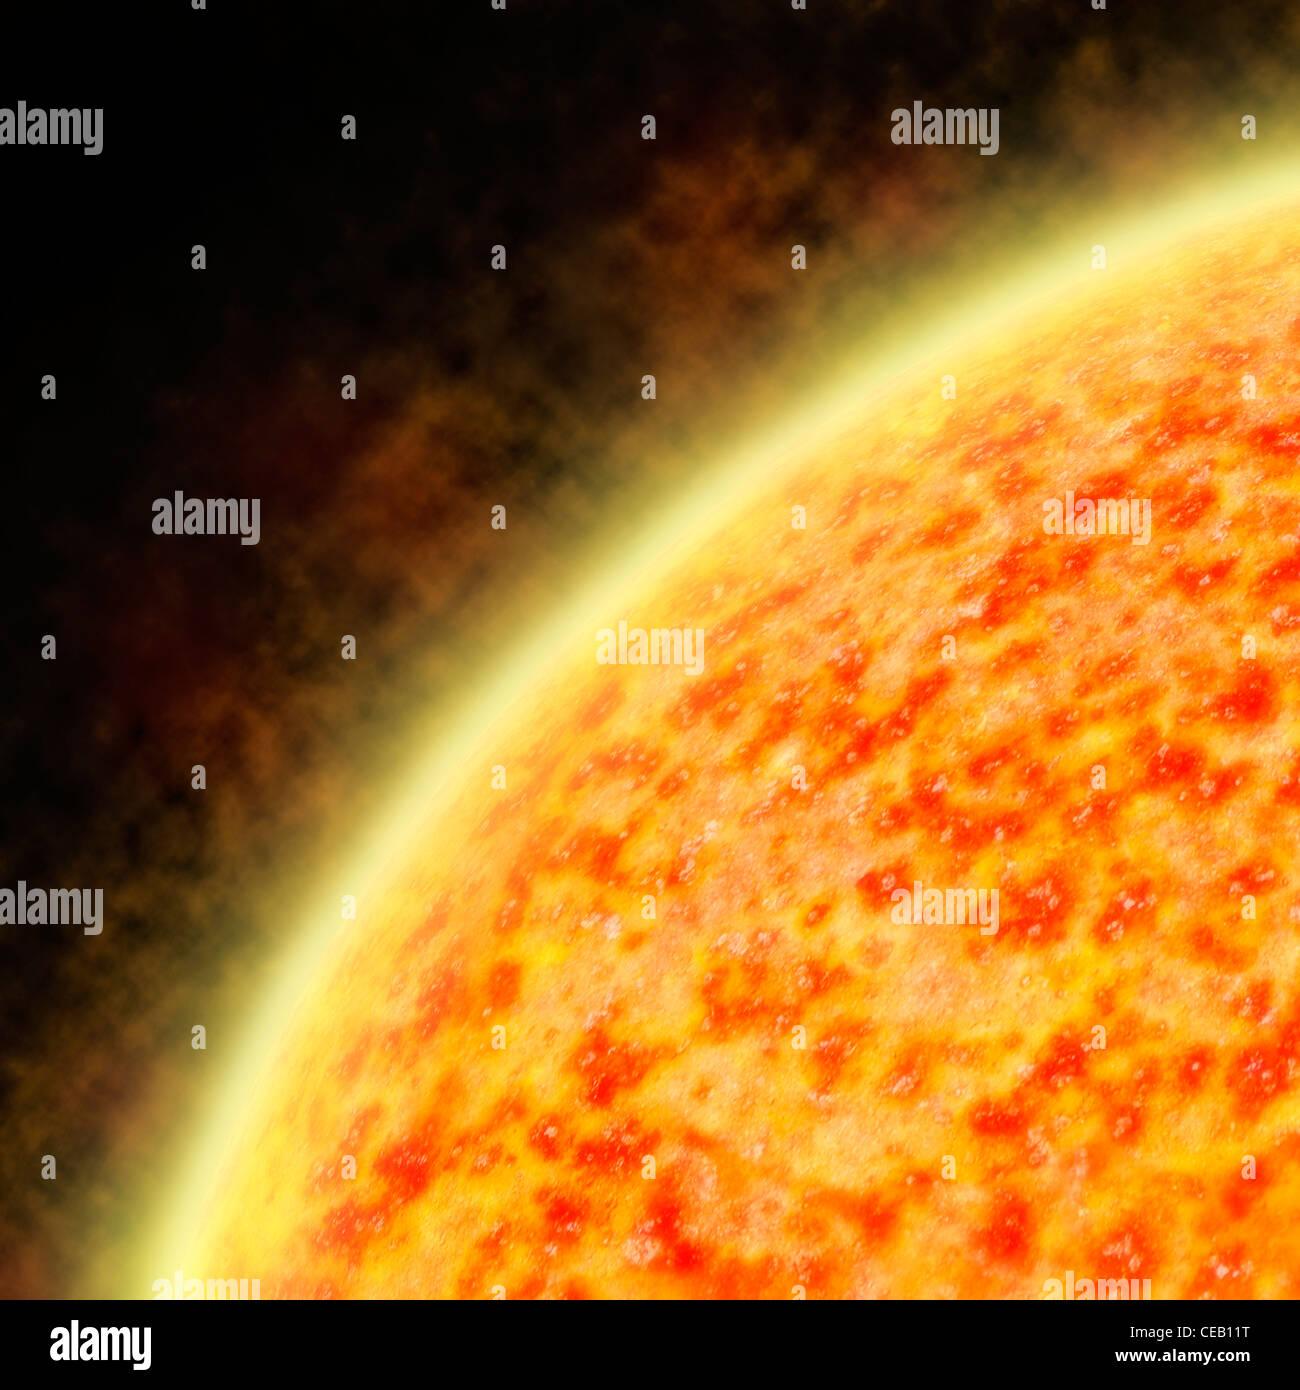 Abbildung der Sonne strahlt ein Sonnenwind zeigt unregelmäßige Temperatur Regionen Stockbild